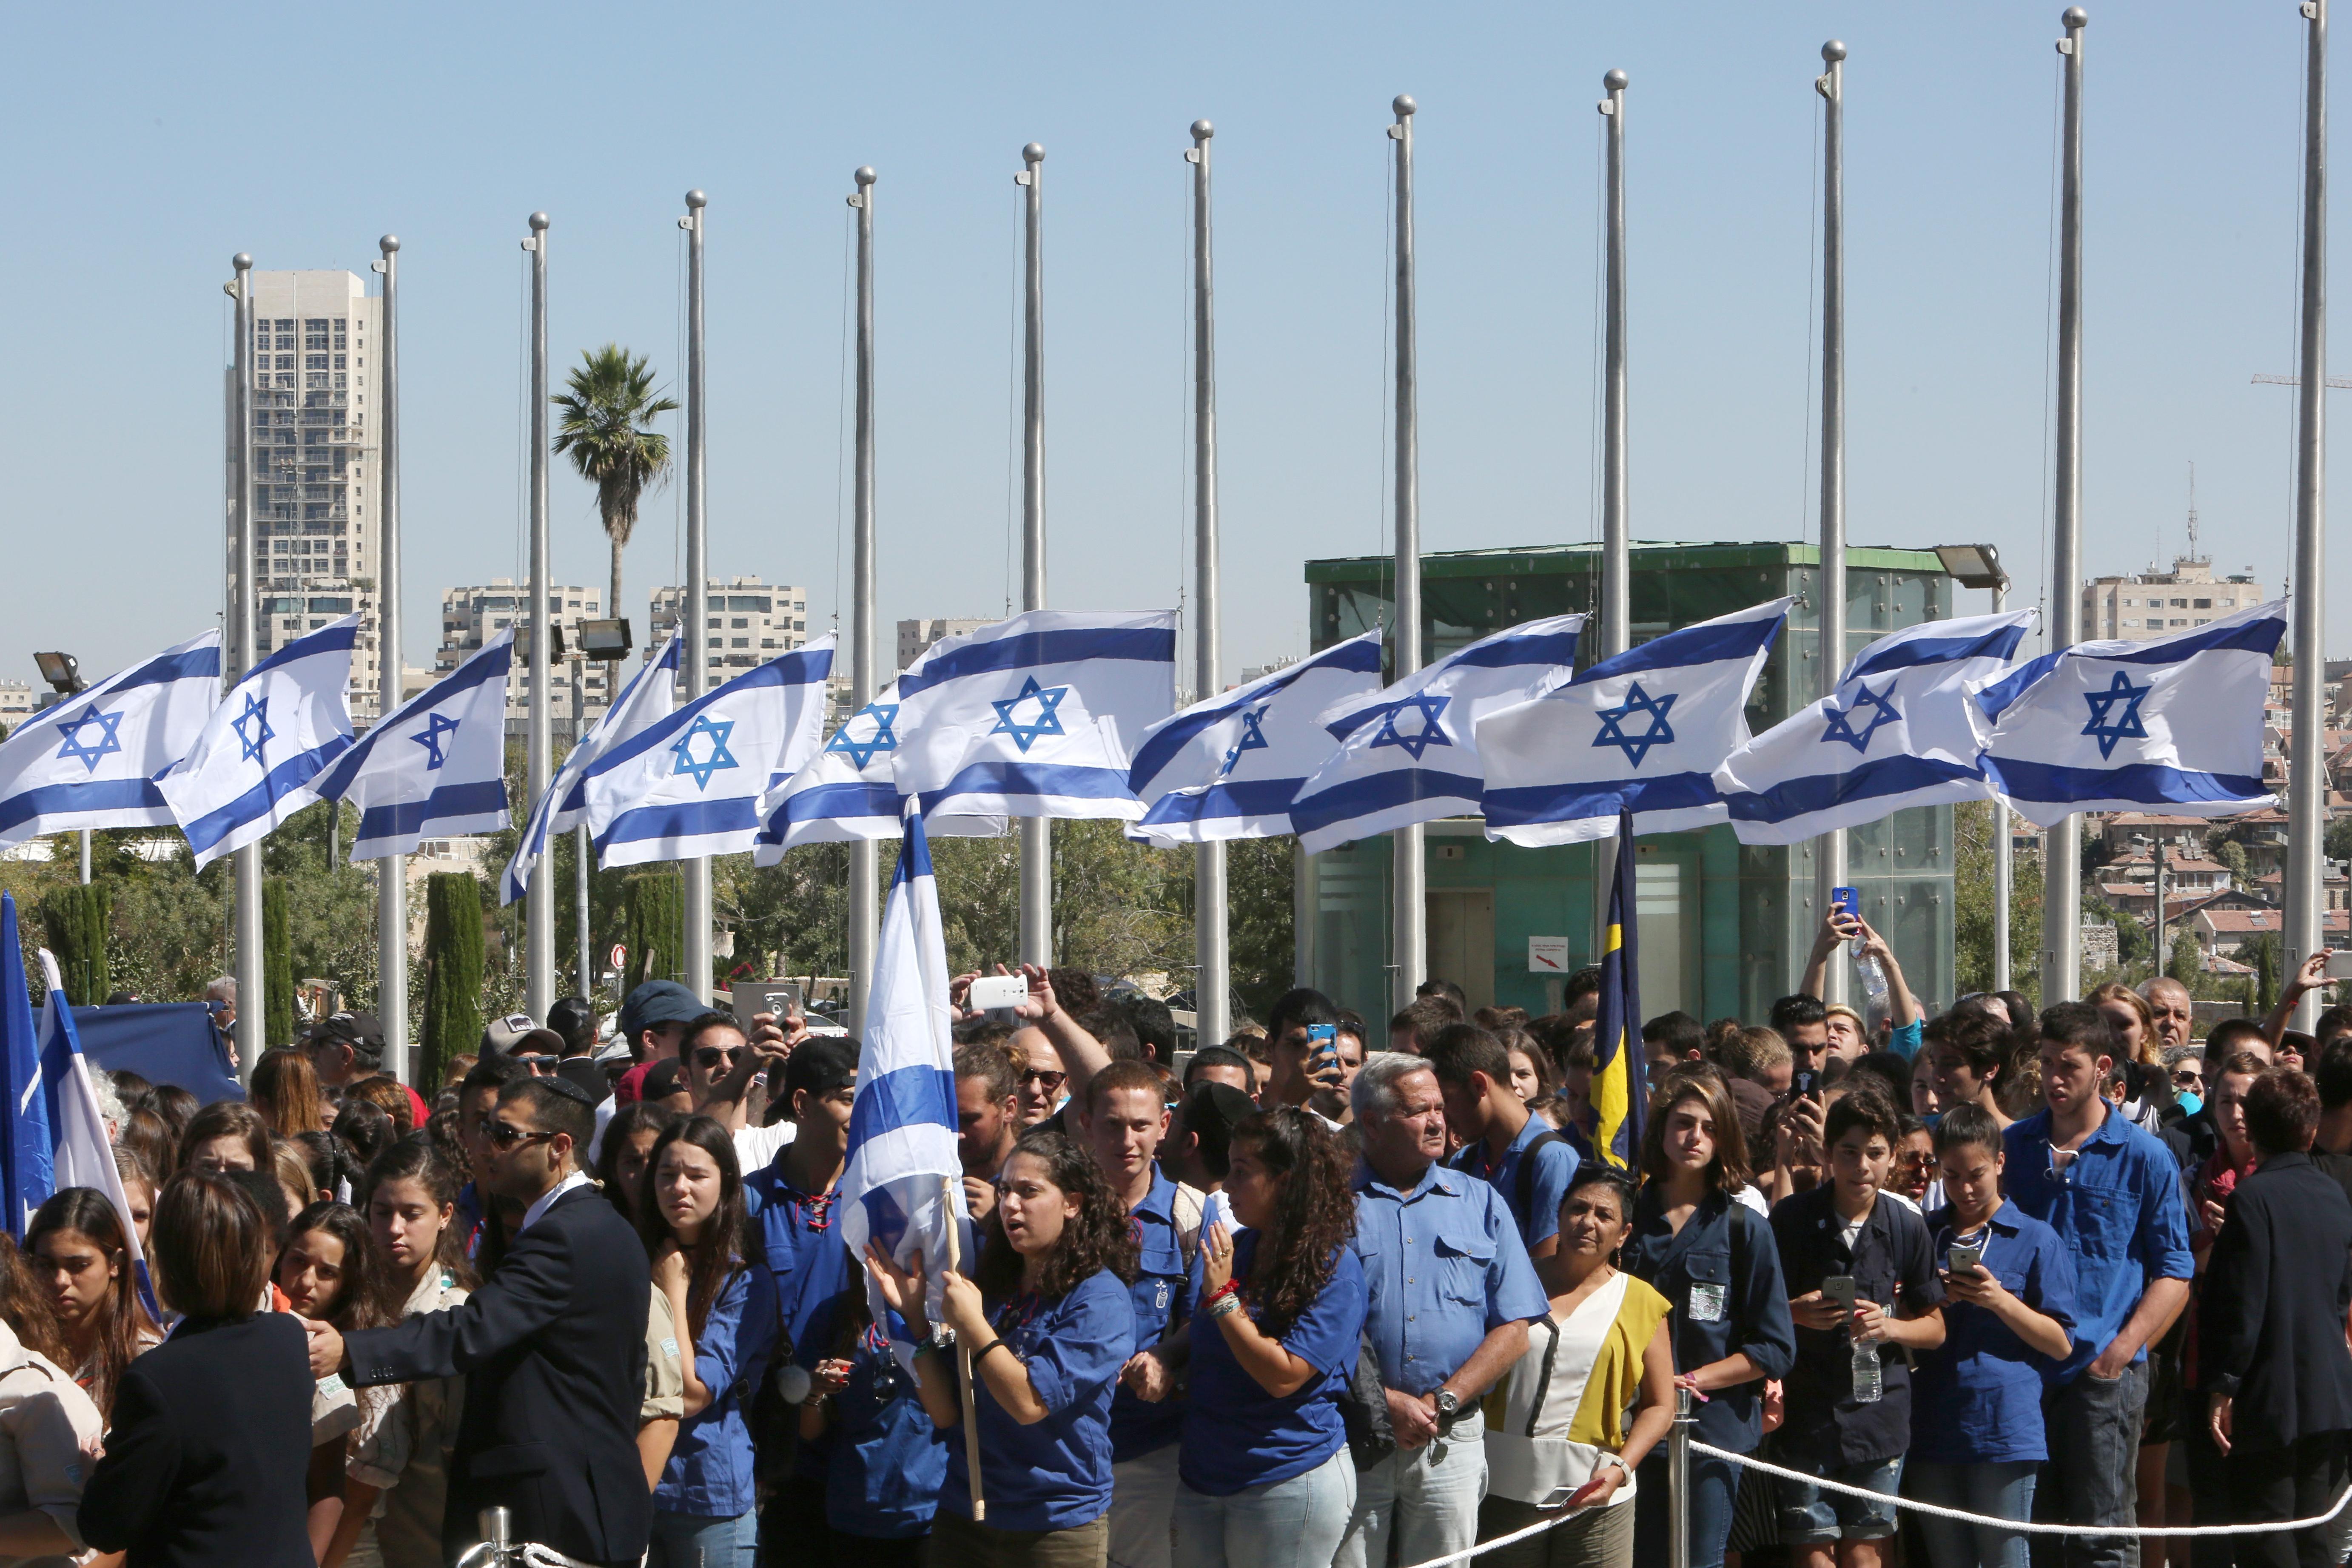 إسرائيليون قدموا لإلقاء النظرة الأخيرة على بيريس